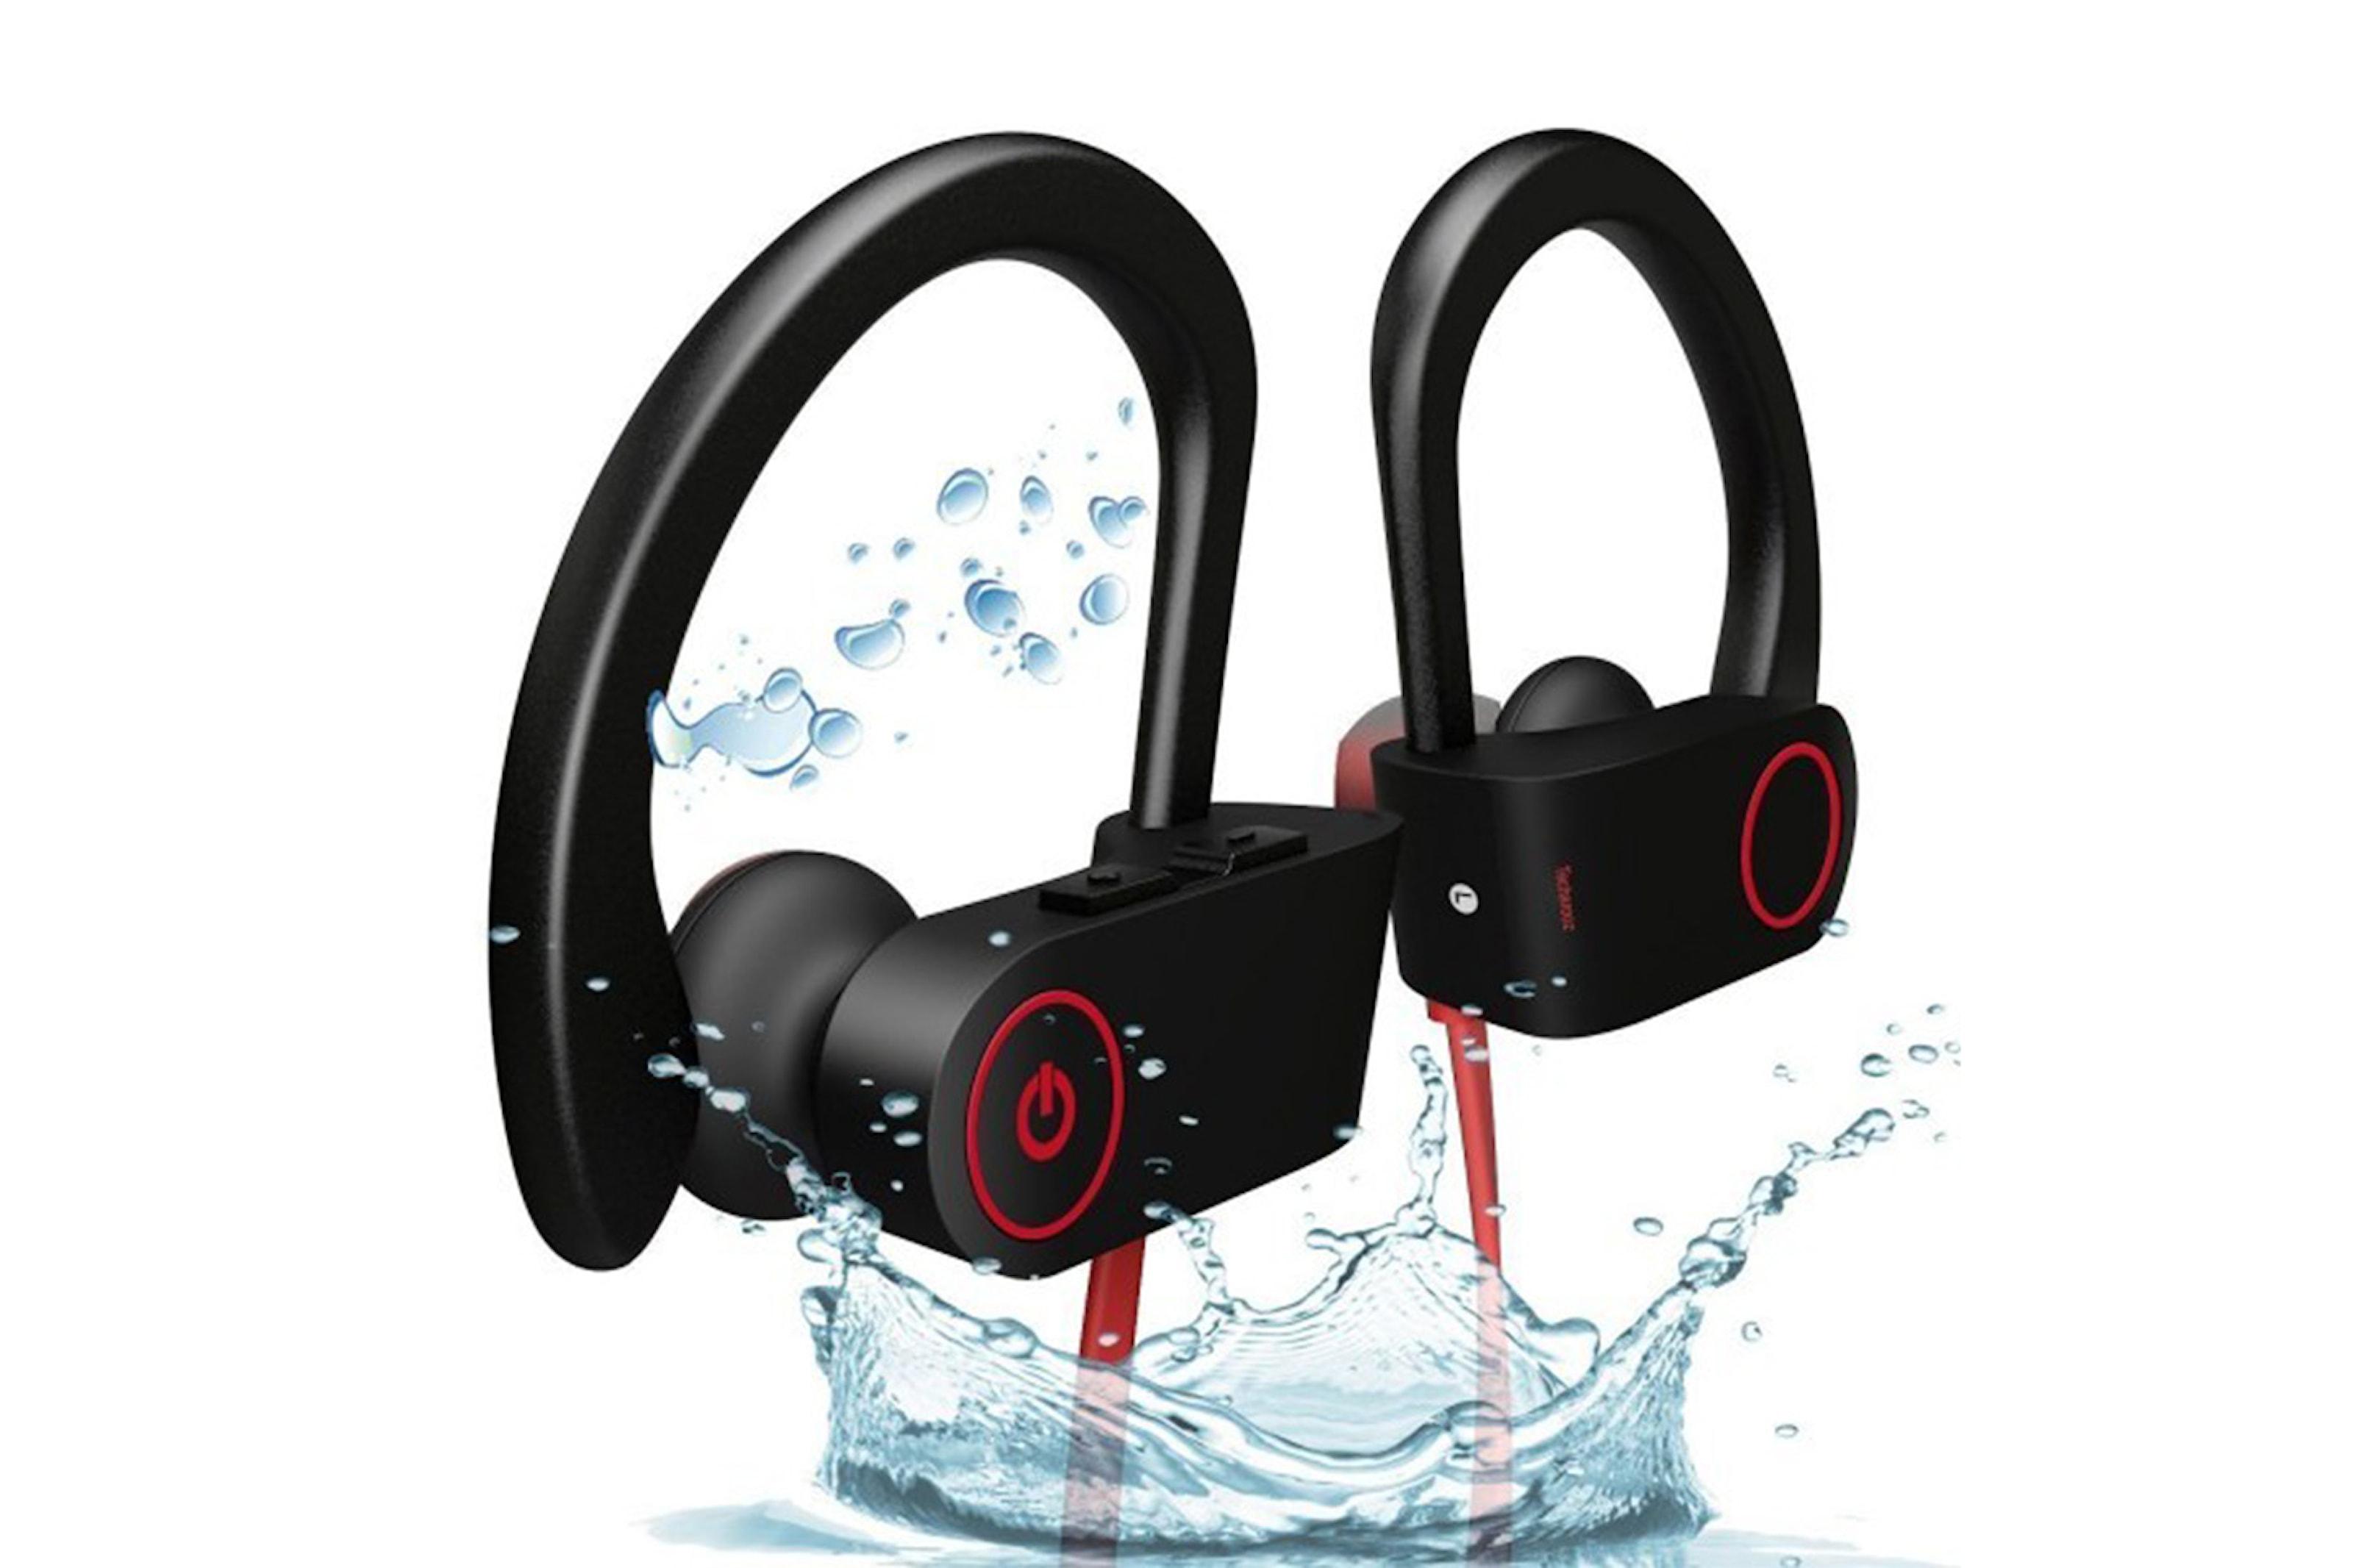 Bluetooth trådløse hodetelefoner